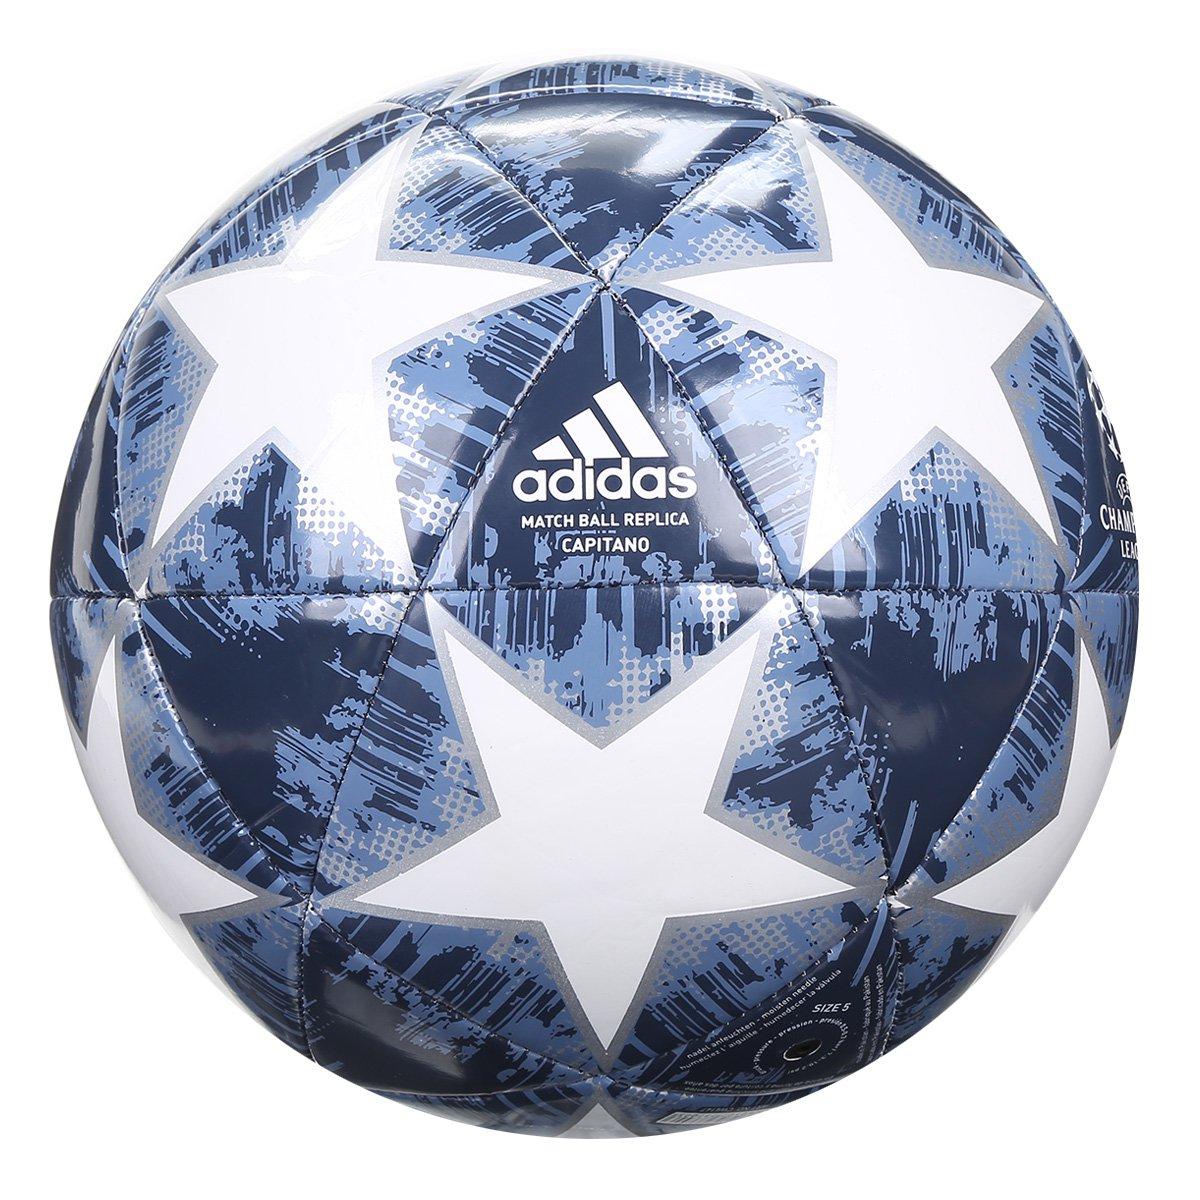 ... Bola de Futebol Campo Bayern de Munique Adidas Capitano Finale 18 UCL  ... 5d7d39623db8f